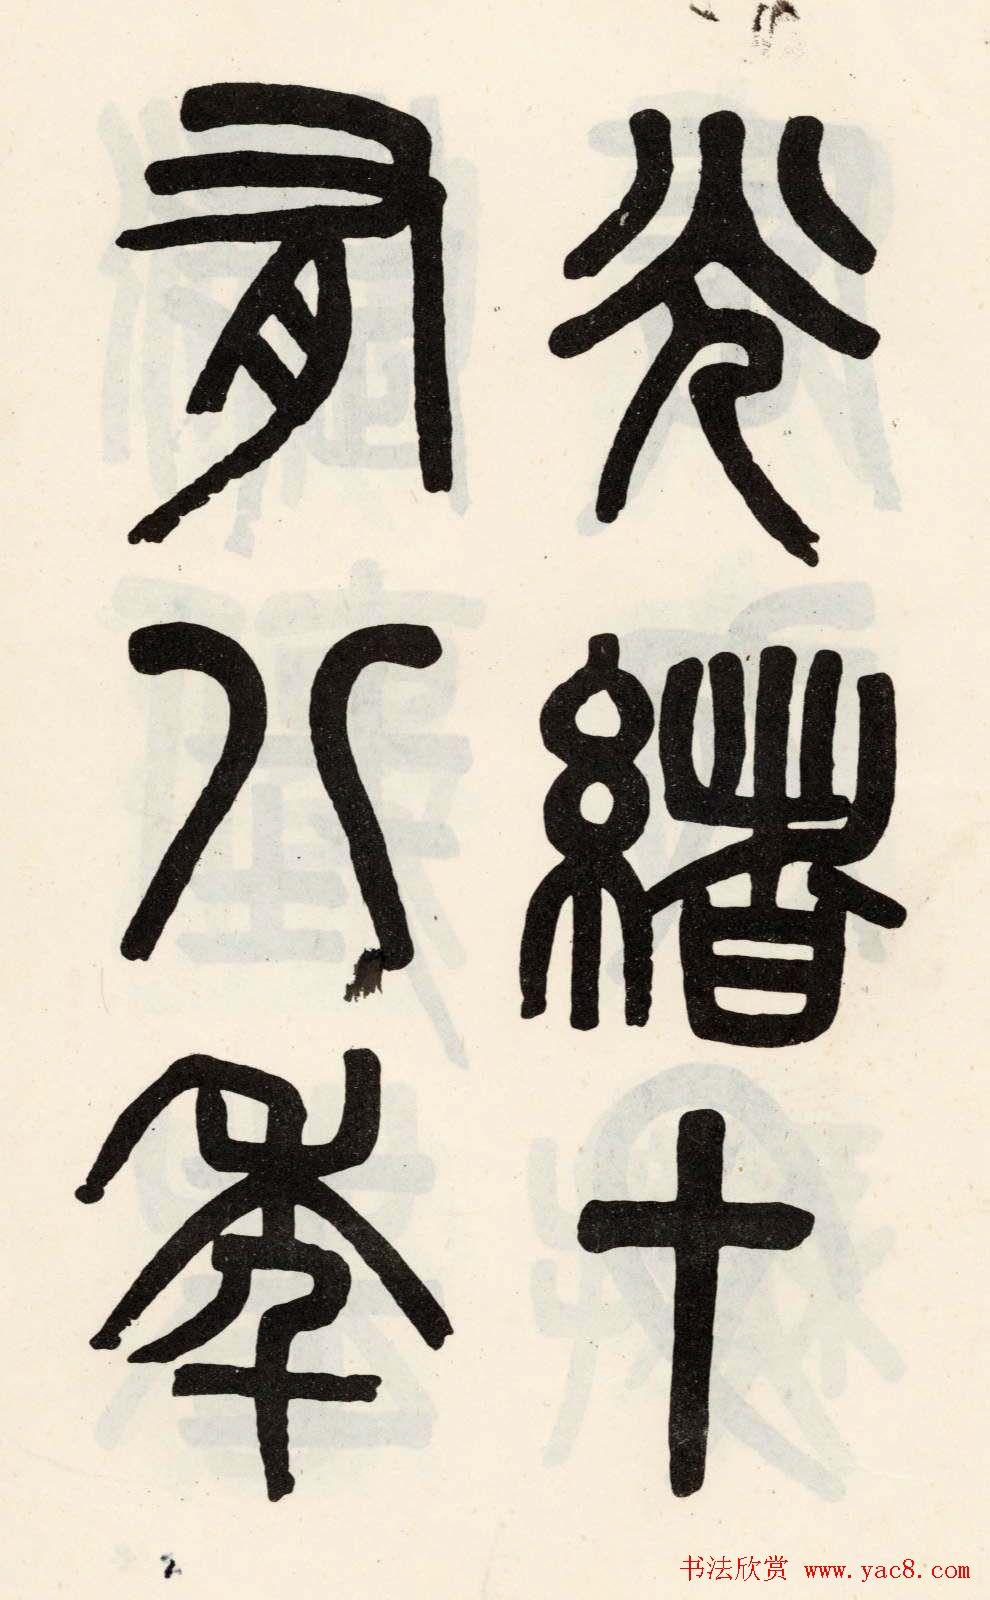 吴大澂篆书欣赏《光绪十八年》册